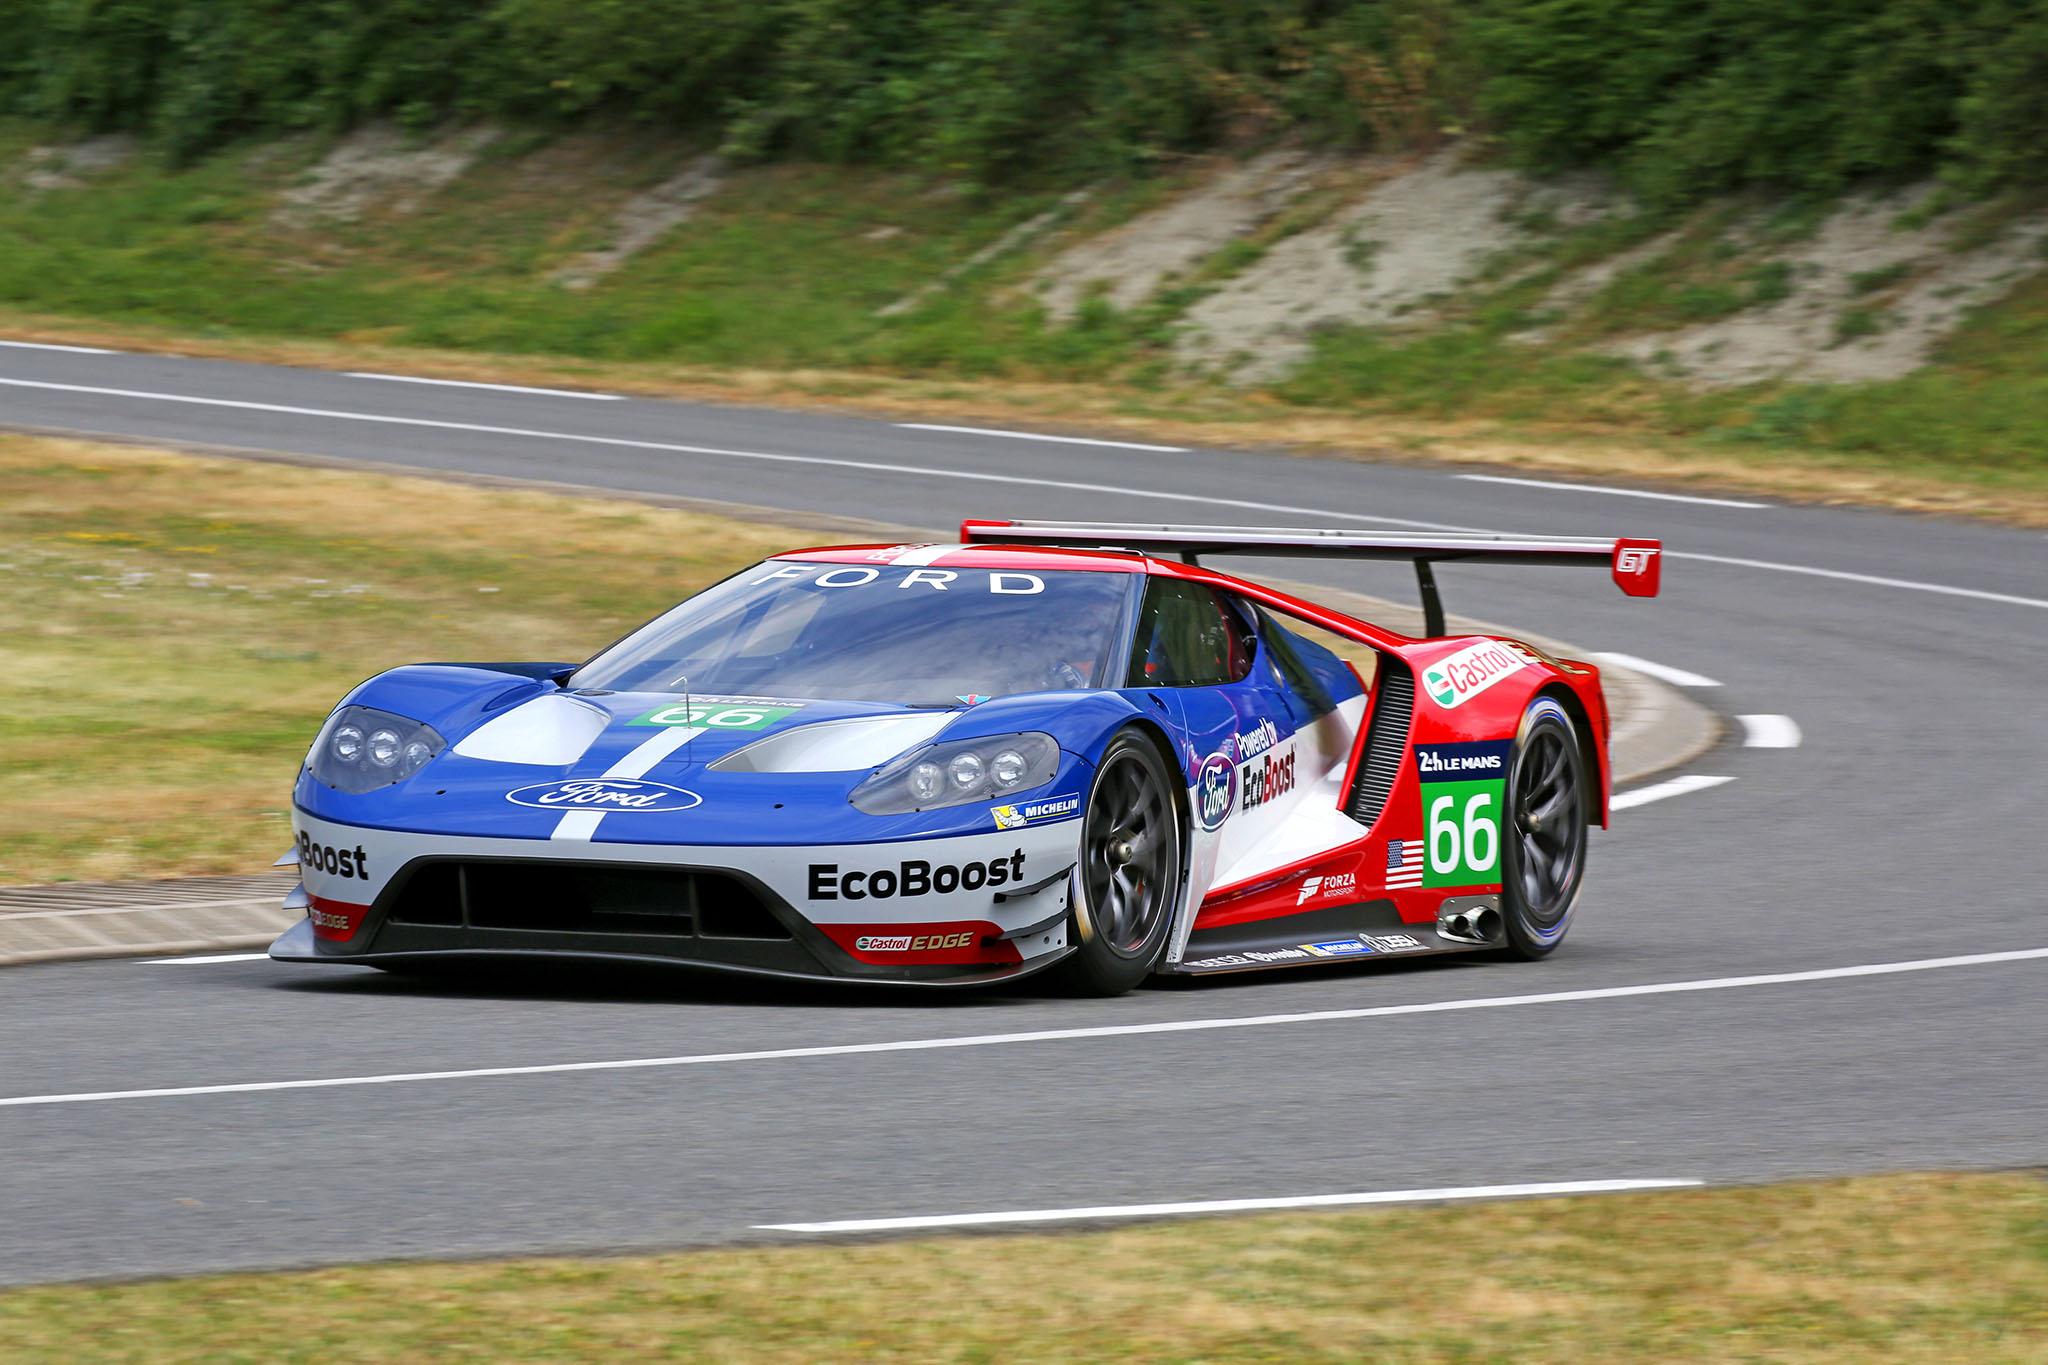 FordGTRaceCar 08